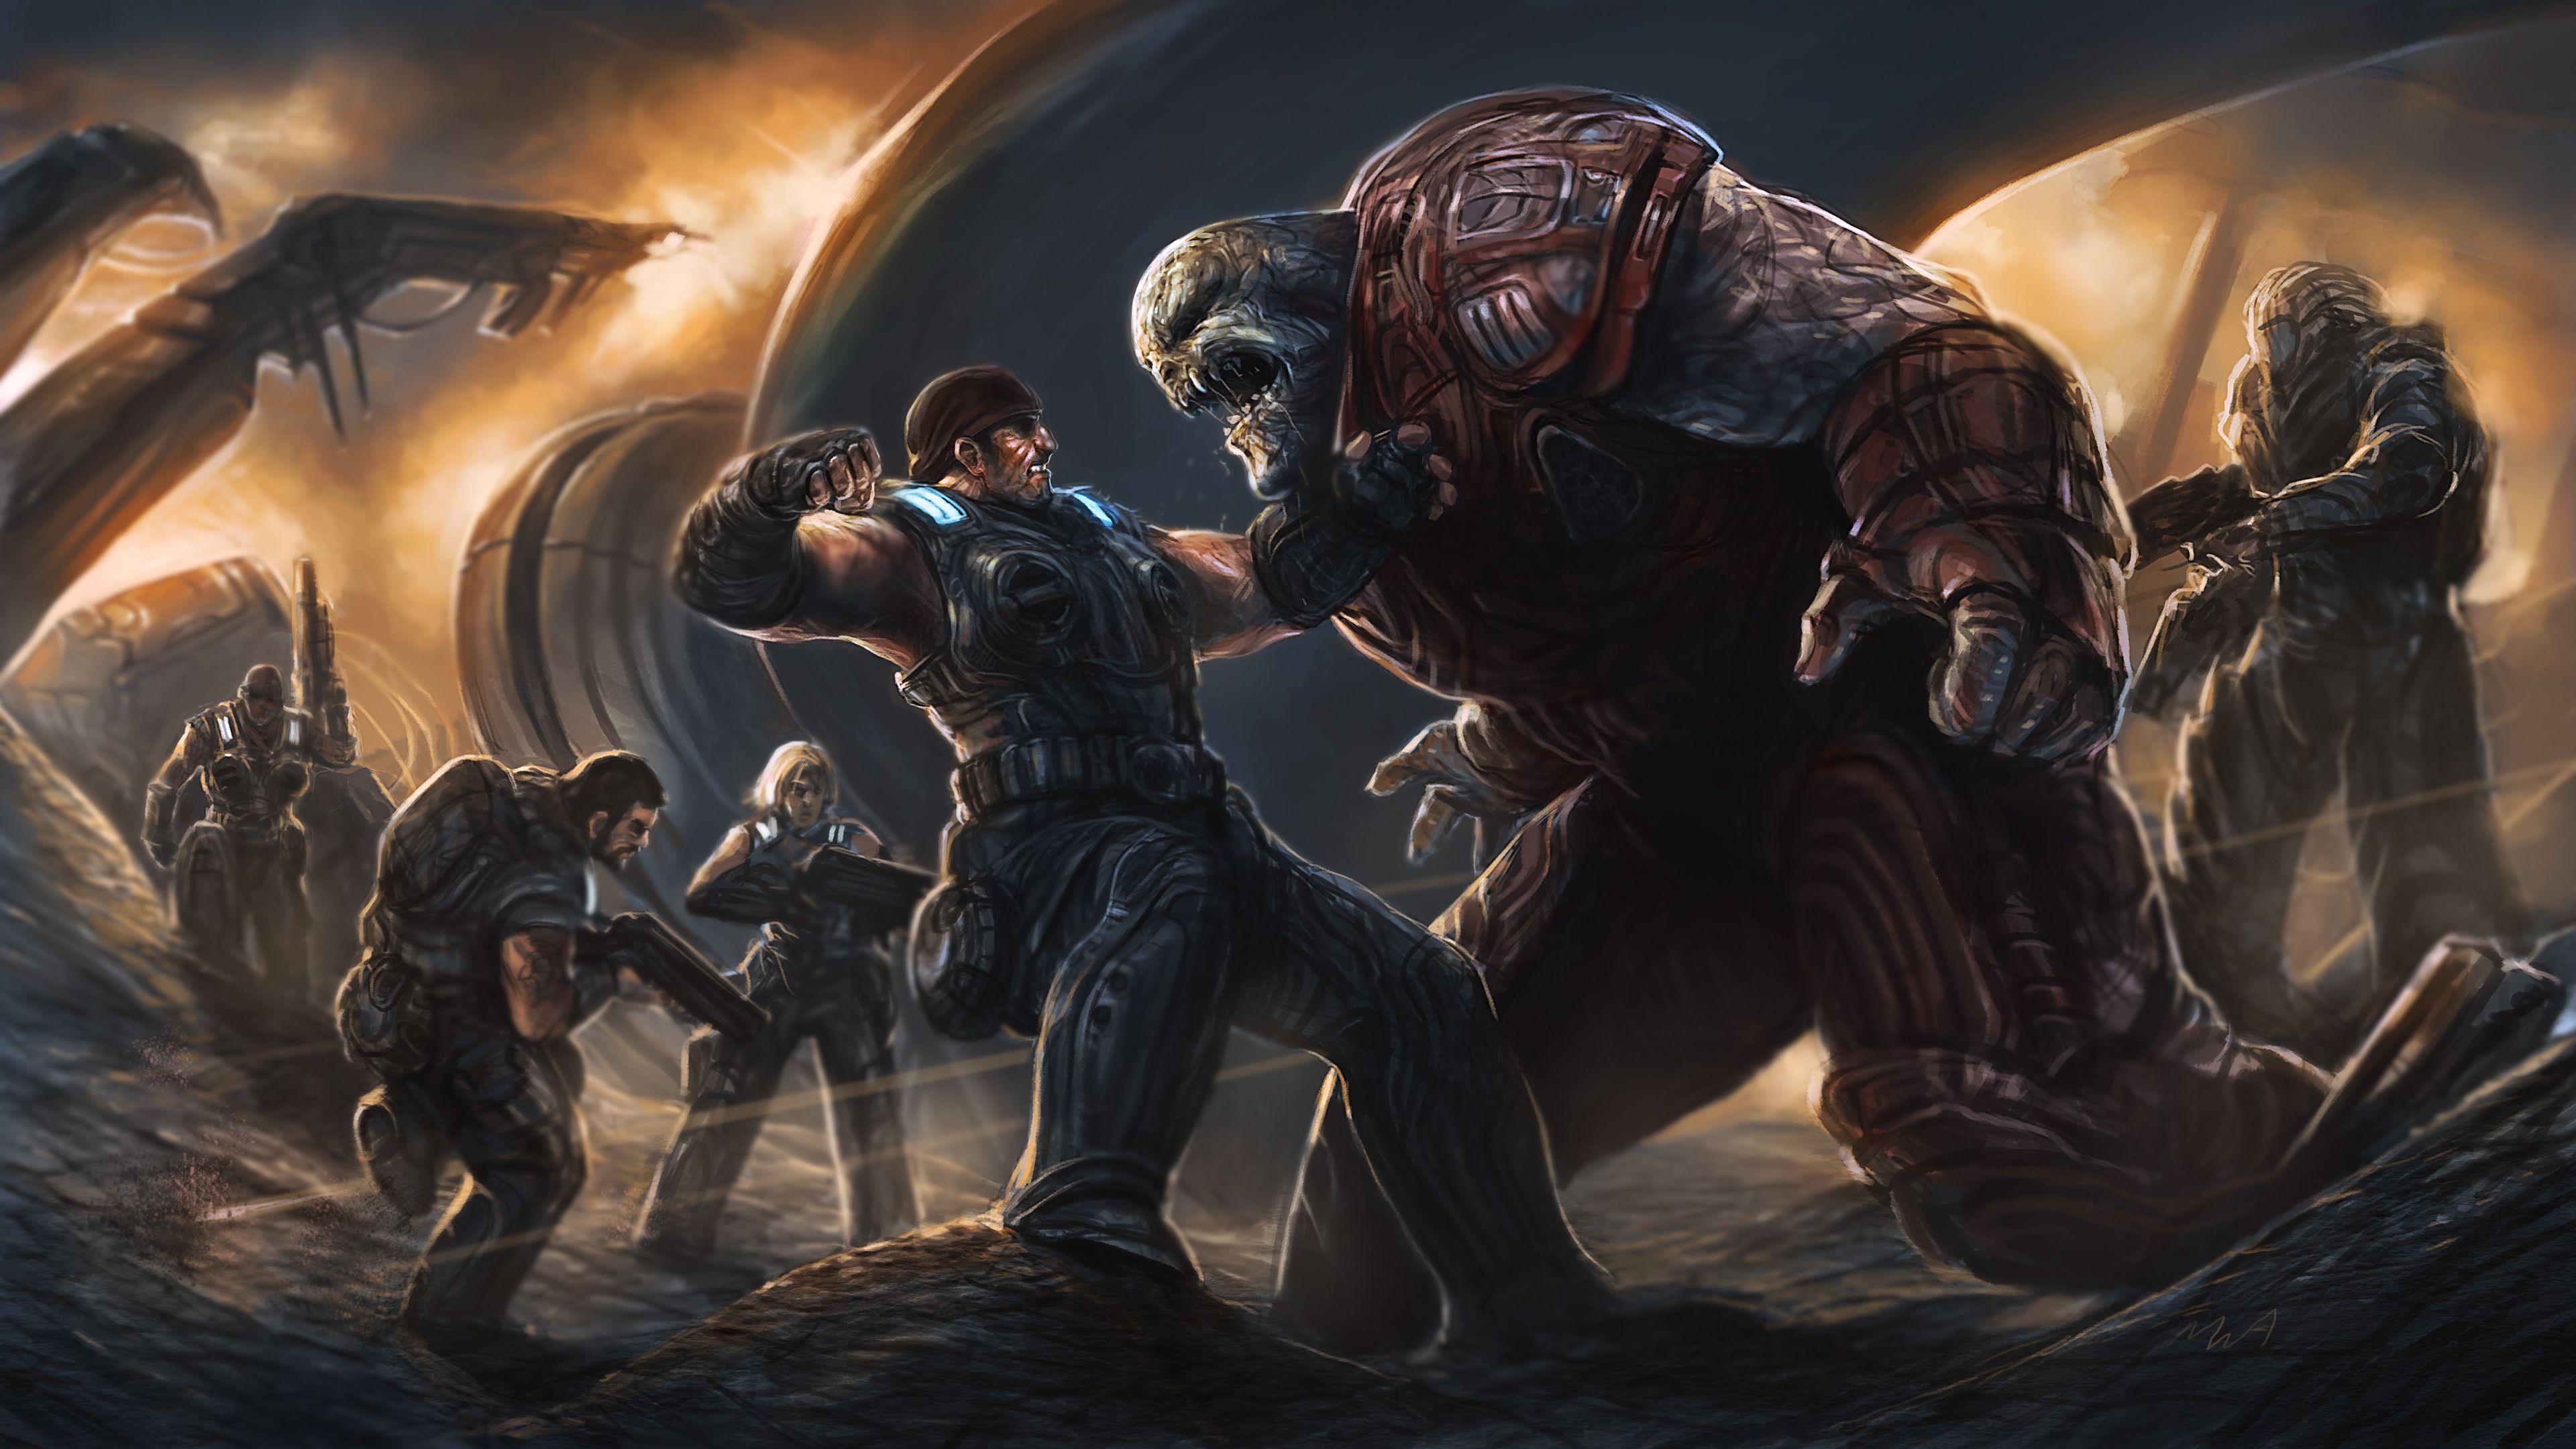 Gears Of War 3 By Thechaoticknight Deviantart Com On Deviantart Gears Of War Gears Of War 3 Gears Of War 2